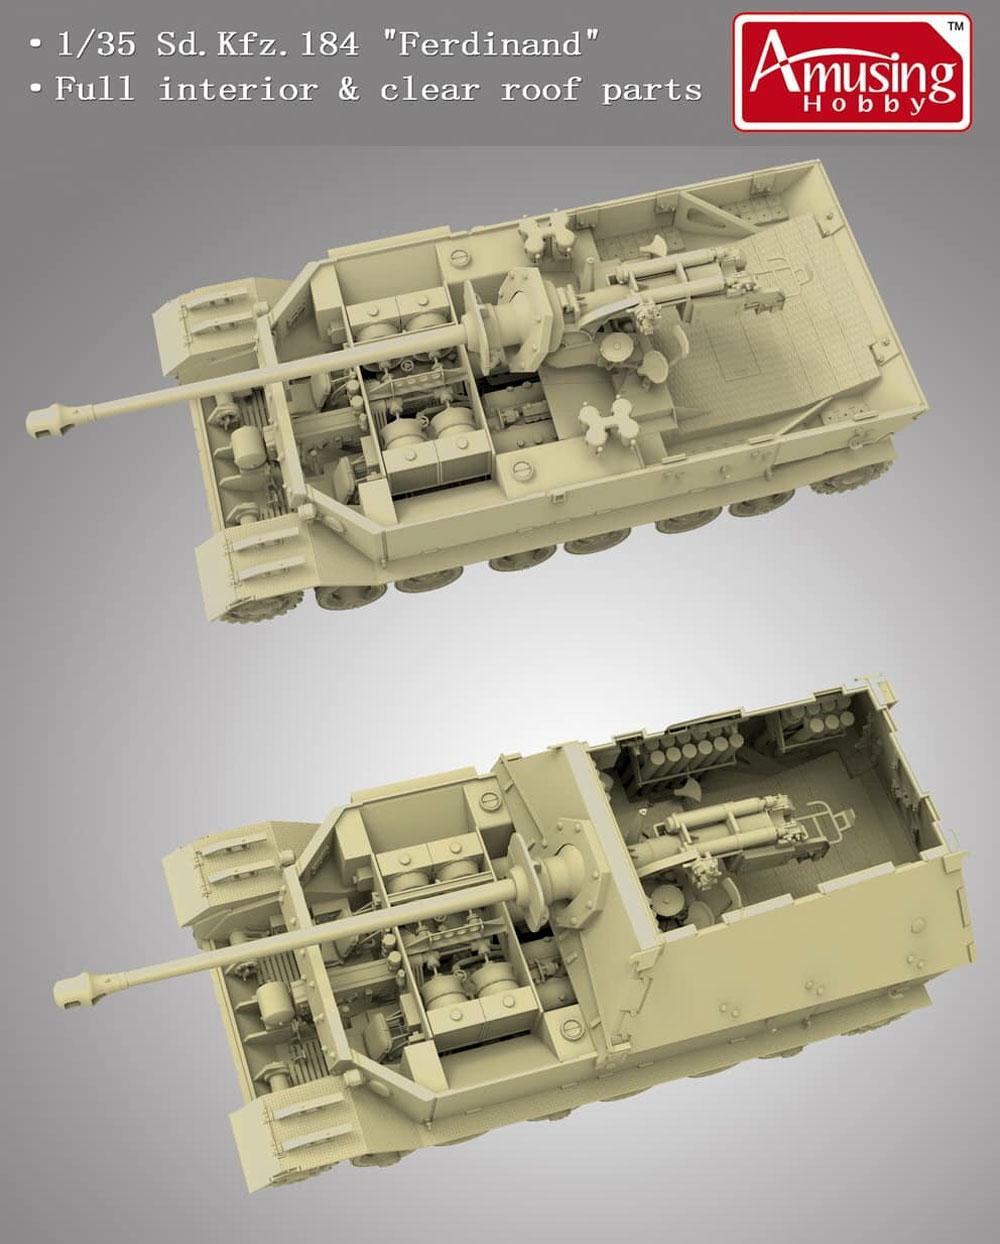 ドイツ 重駆逐戦車 フェルディナント (フルインテリア) & 16t ストラボクレーンプラモデル(アミュージングホビー1/35 ミリタリーNo.35A030)商品画像_2